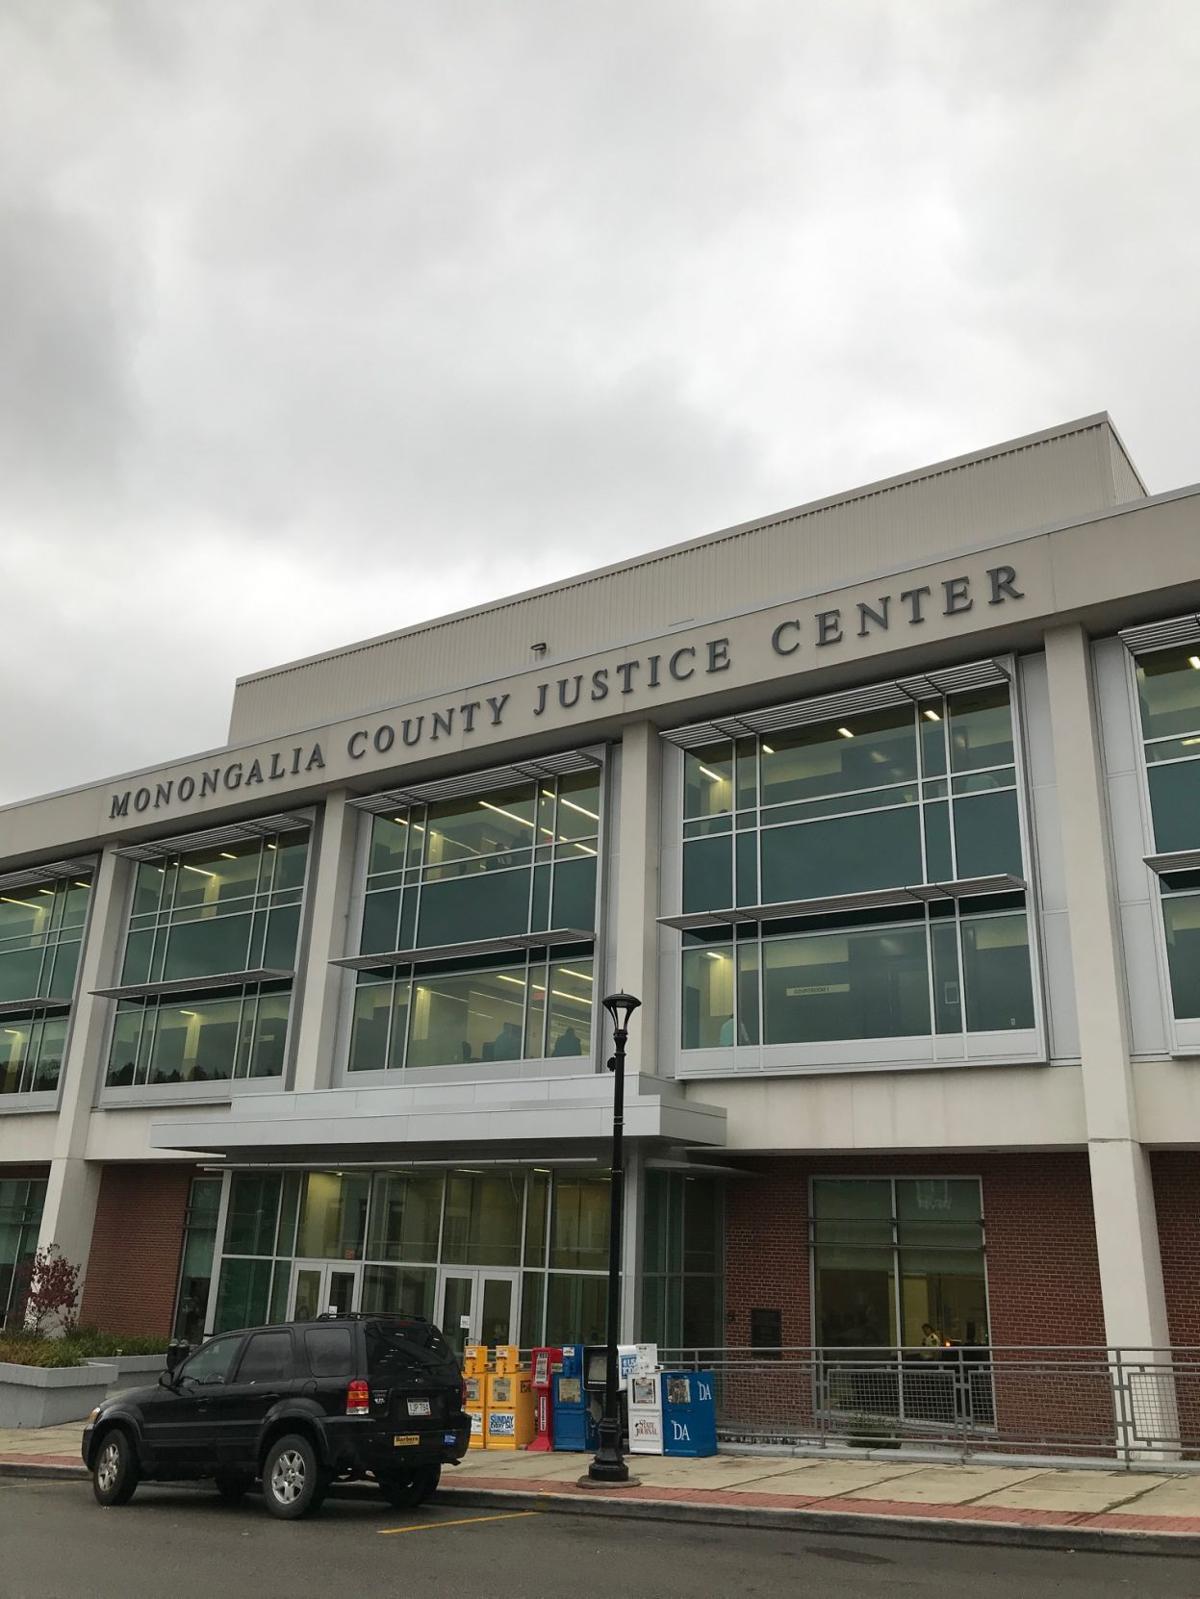 Monongalia Justice Center